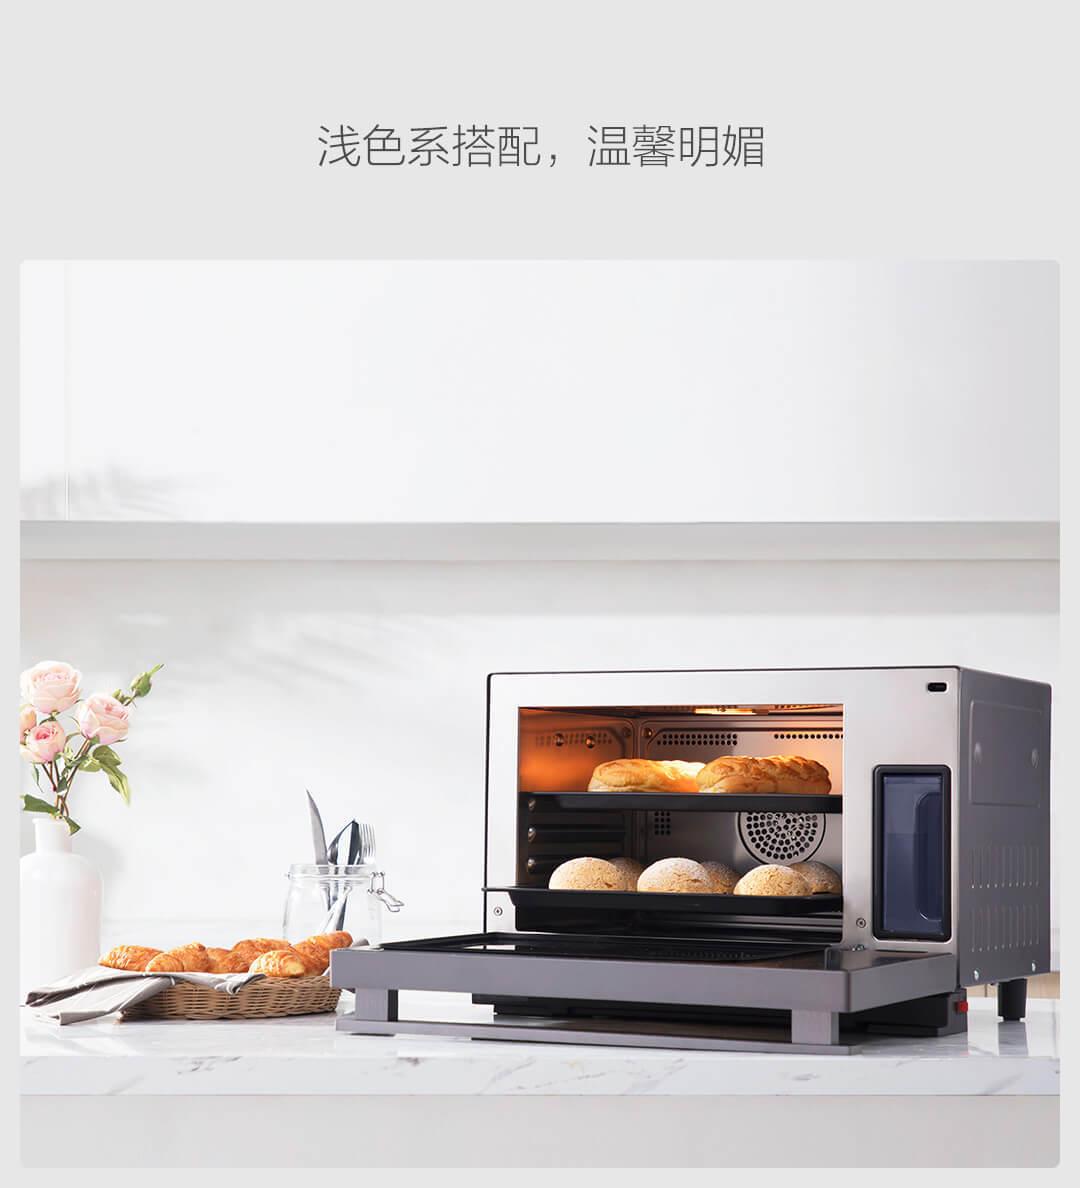 雲米蒸烤一體機